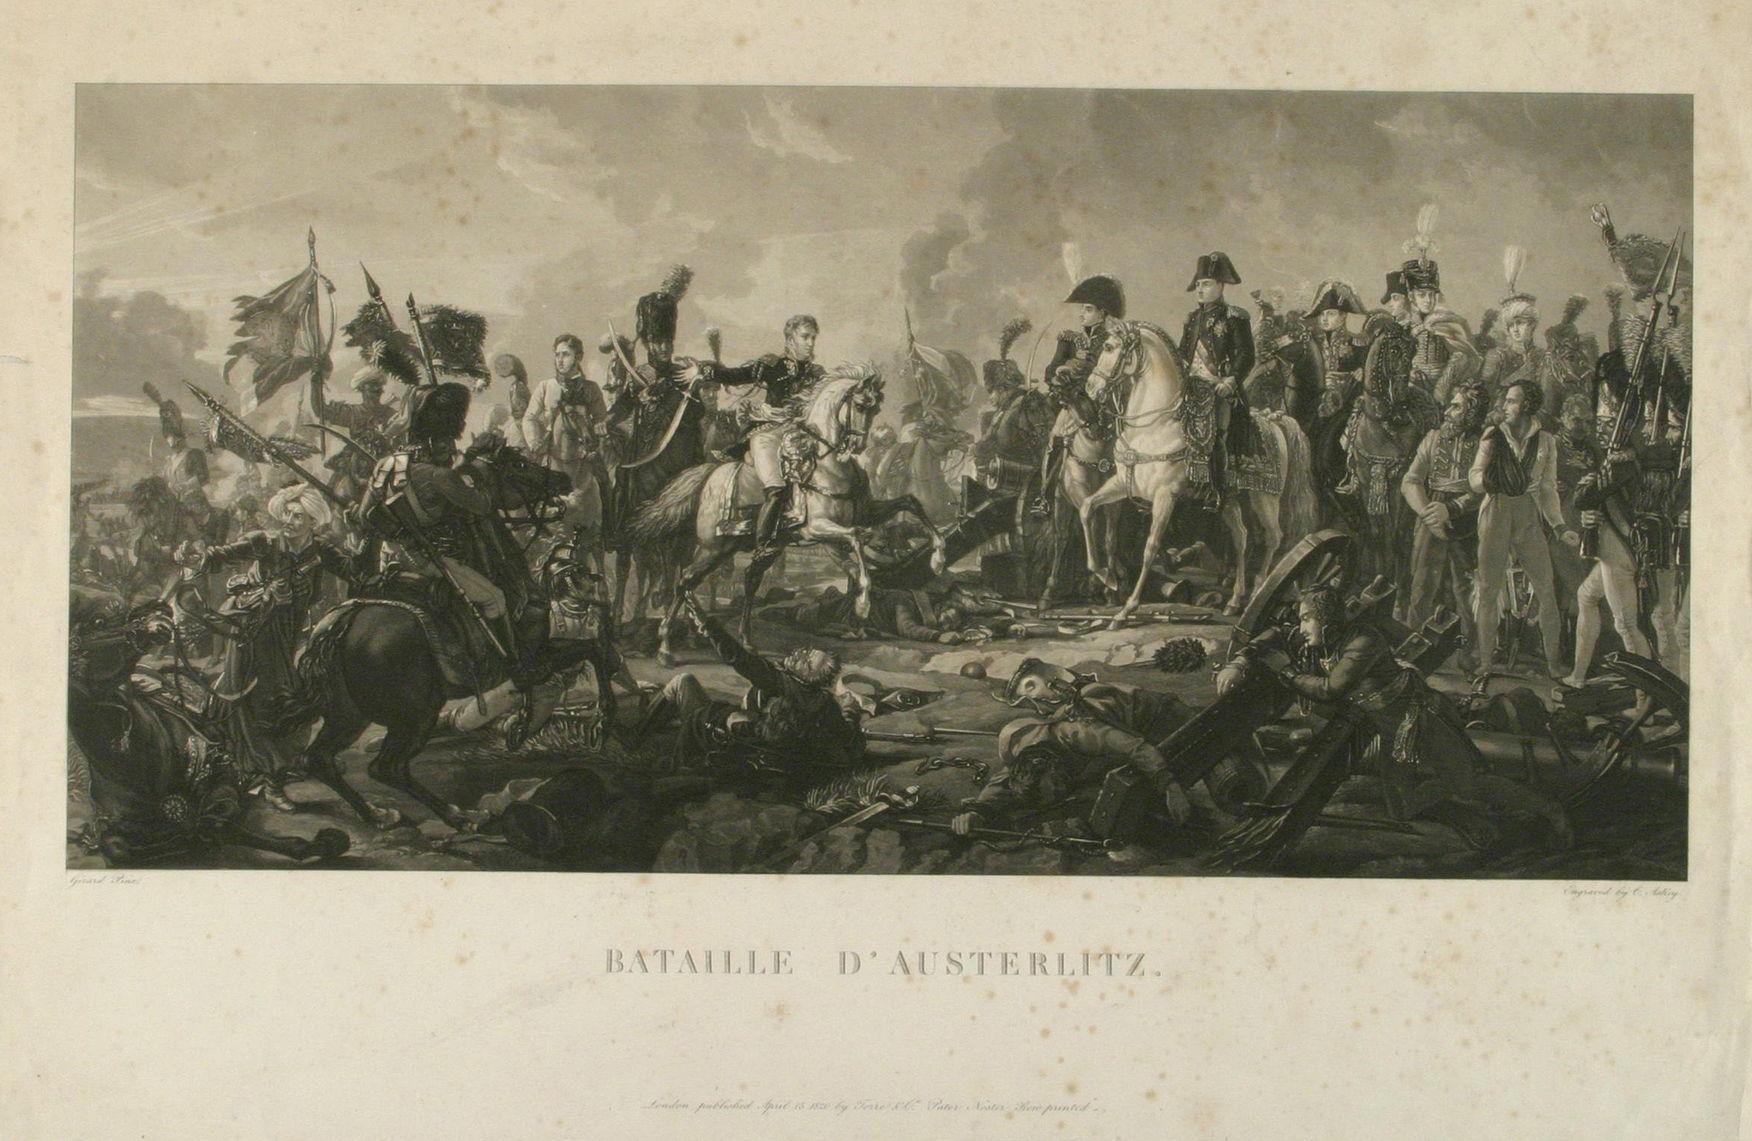 Сражение при Аустерлице 2 декабря 1805 г Гравюра Ч. Аскея по оригиналу Жерара. 1820 г.